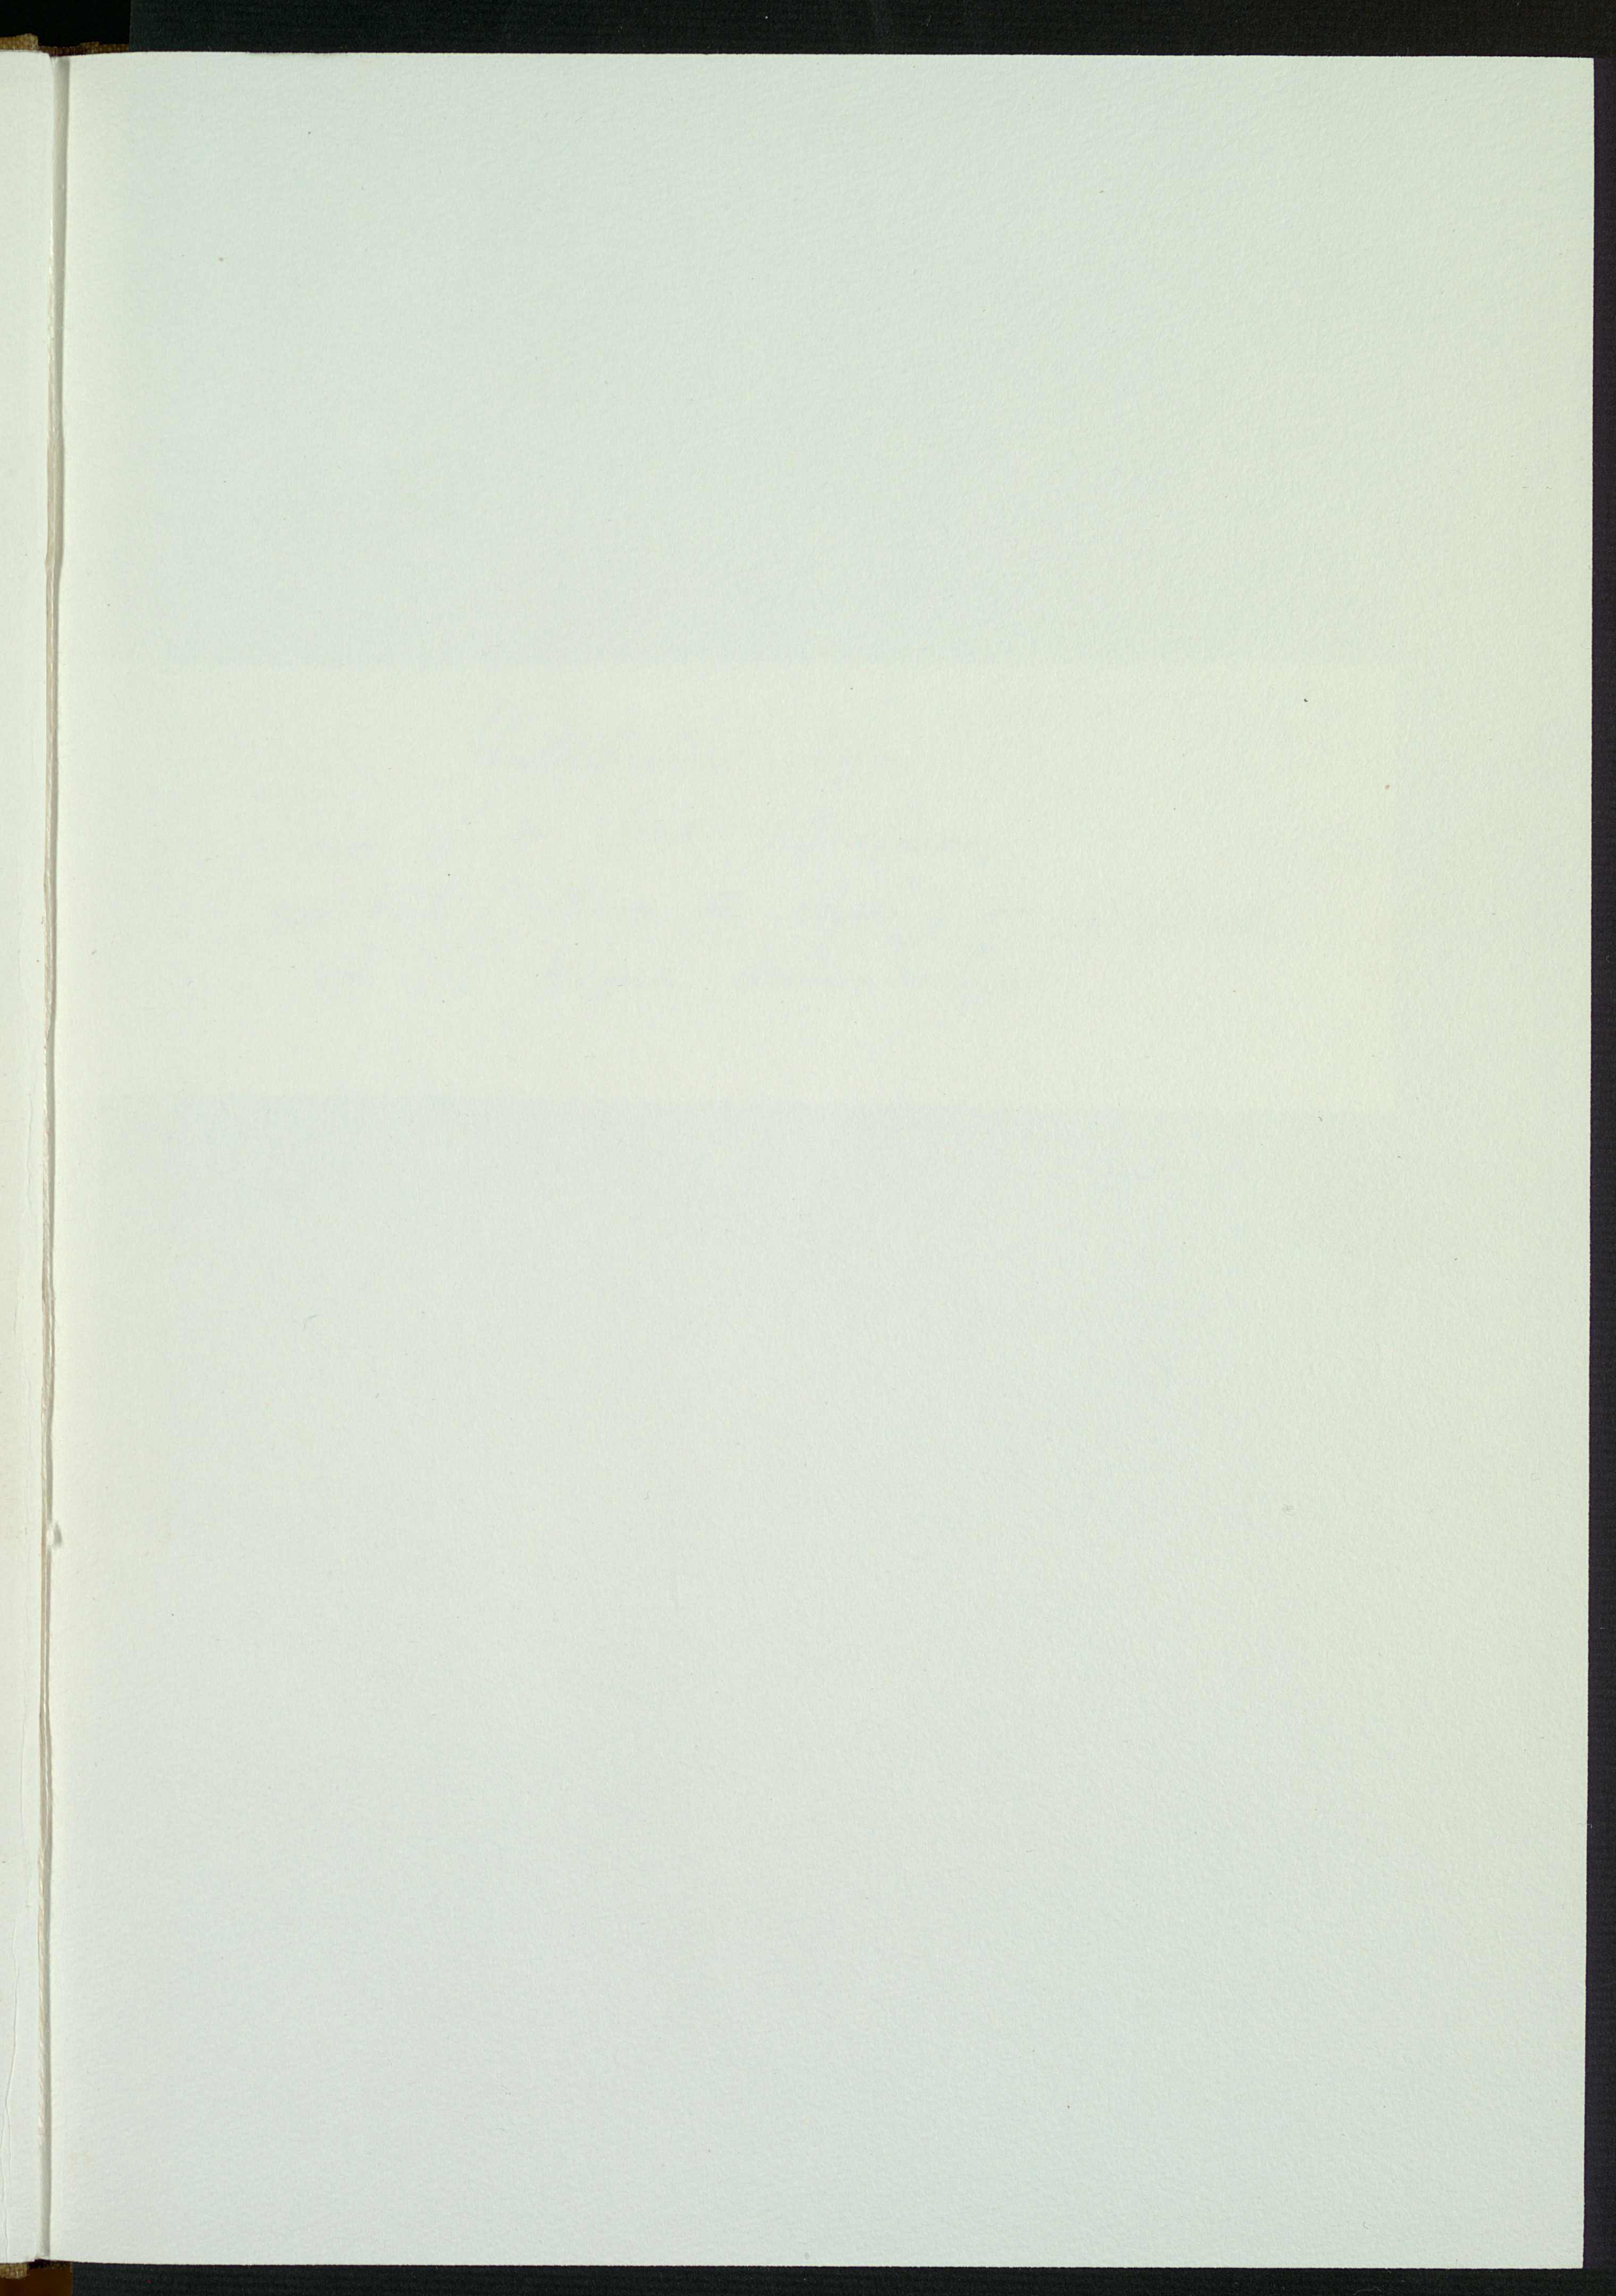 AM 165 b fol - 1r-FFl